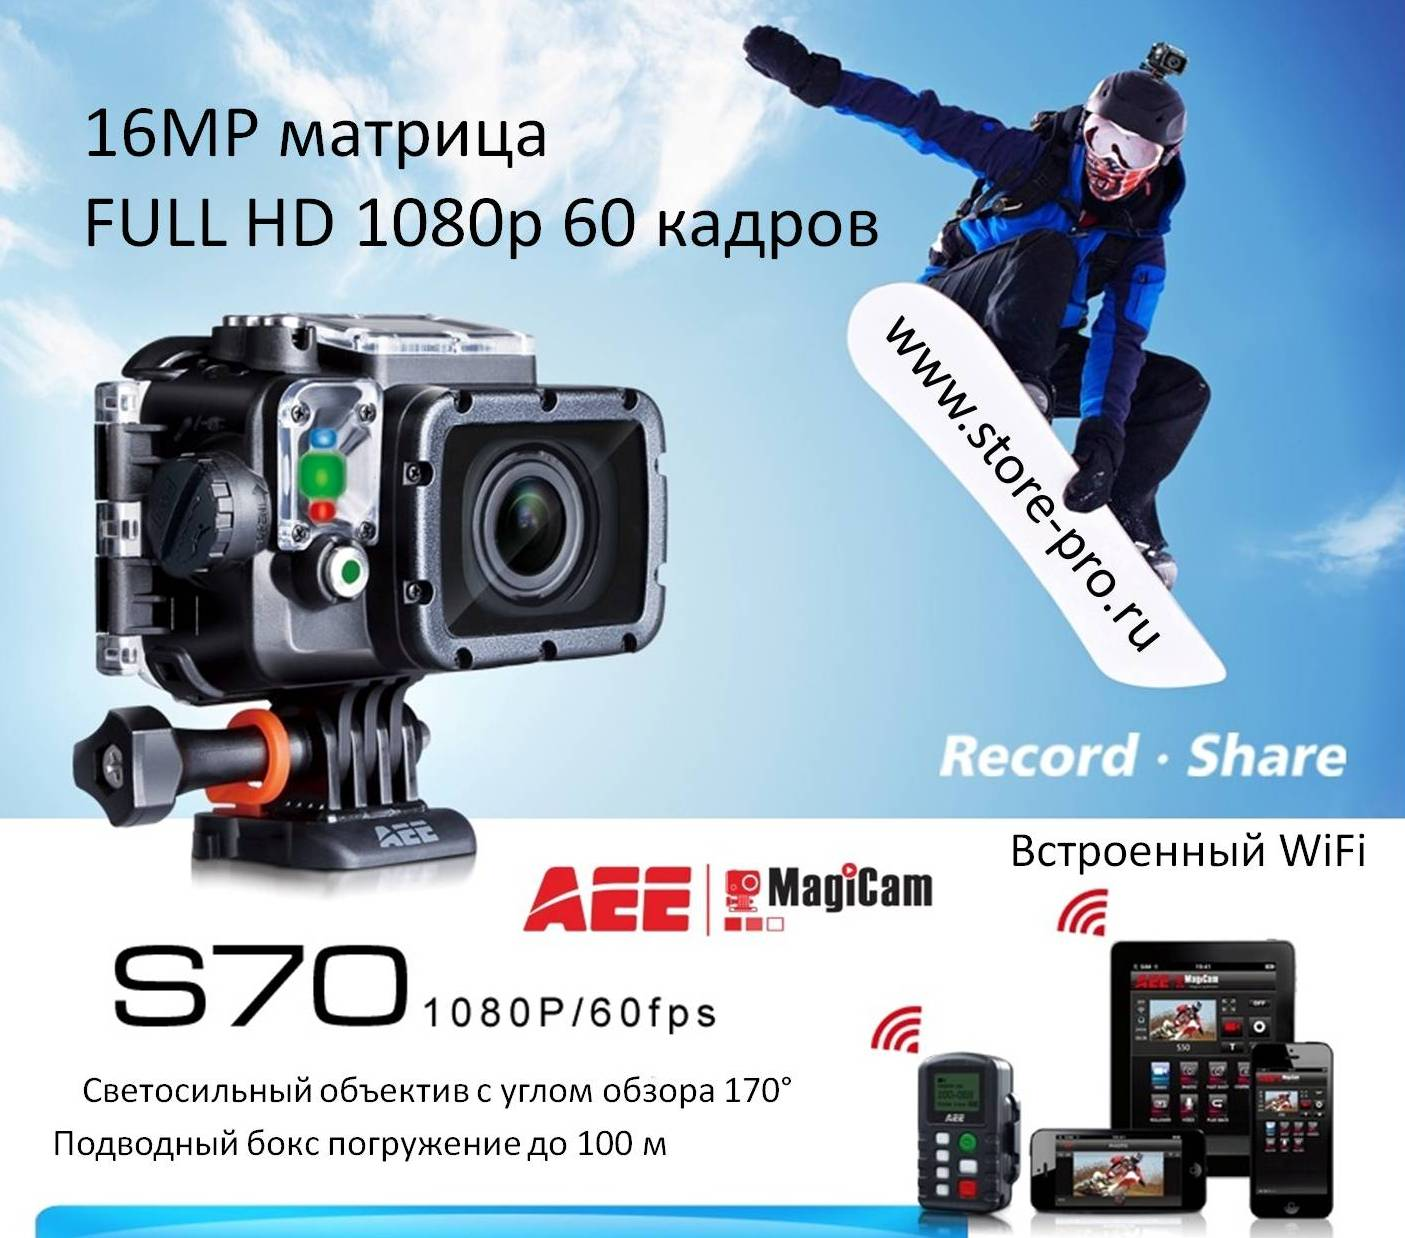 Купить экшн камеру AEE MagiCam S70